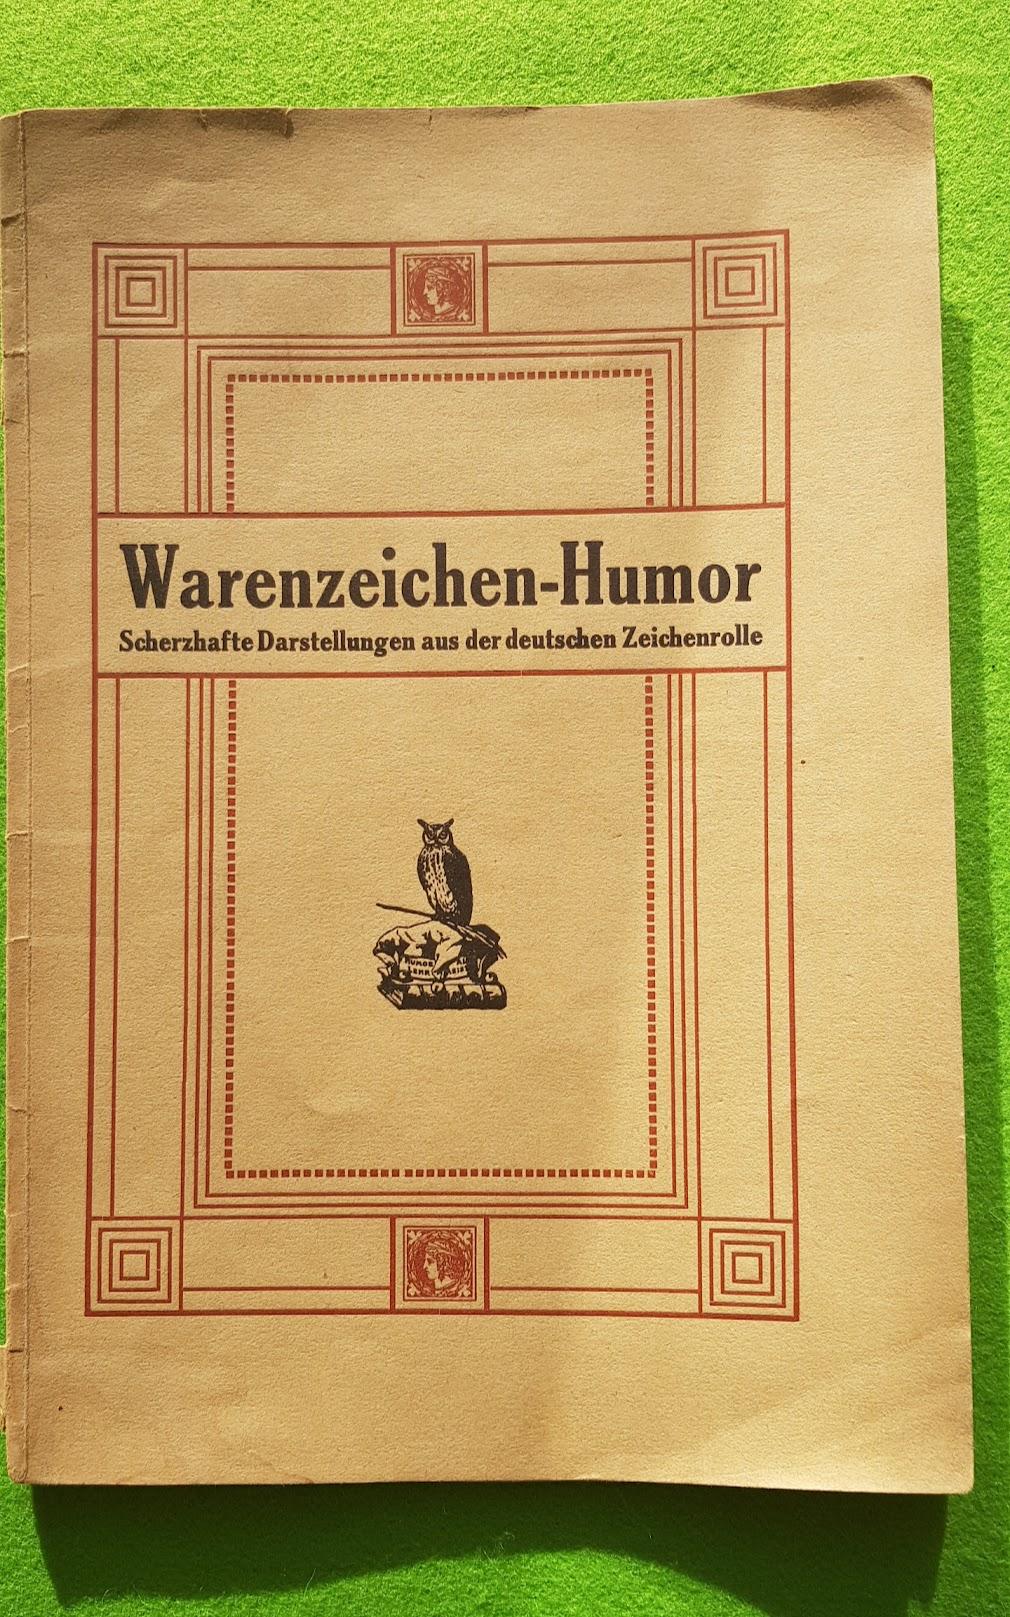 Warnezeichen-Humor - Scherzhafte Darstellungen aus der deutschen Zeichenrolle